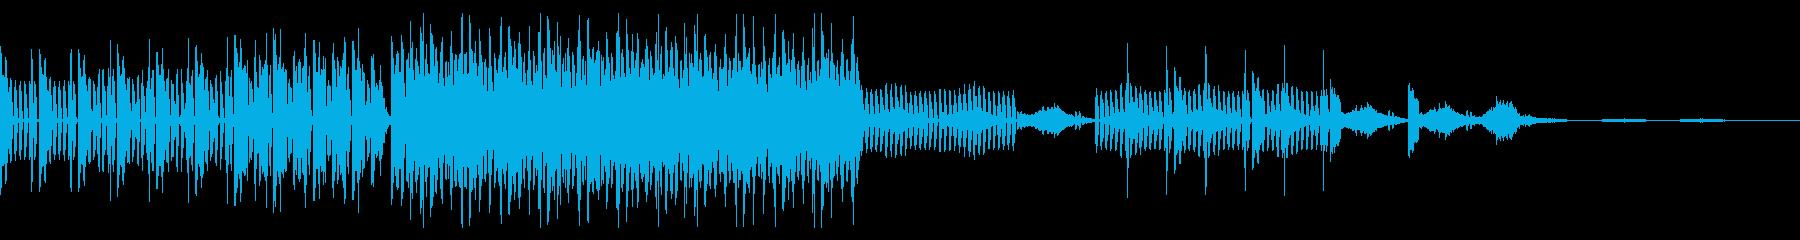 ダンサブルなビートとアルペジオシンセの再生済みの波形